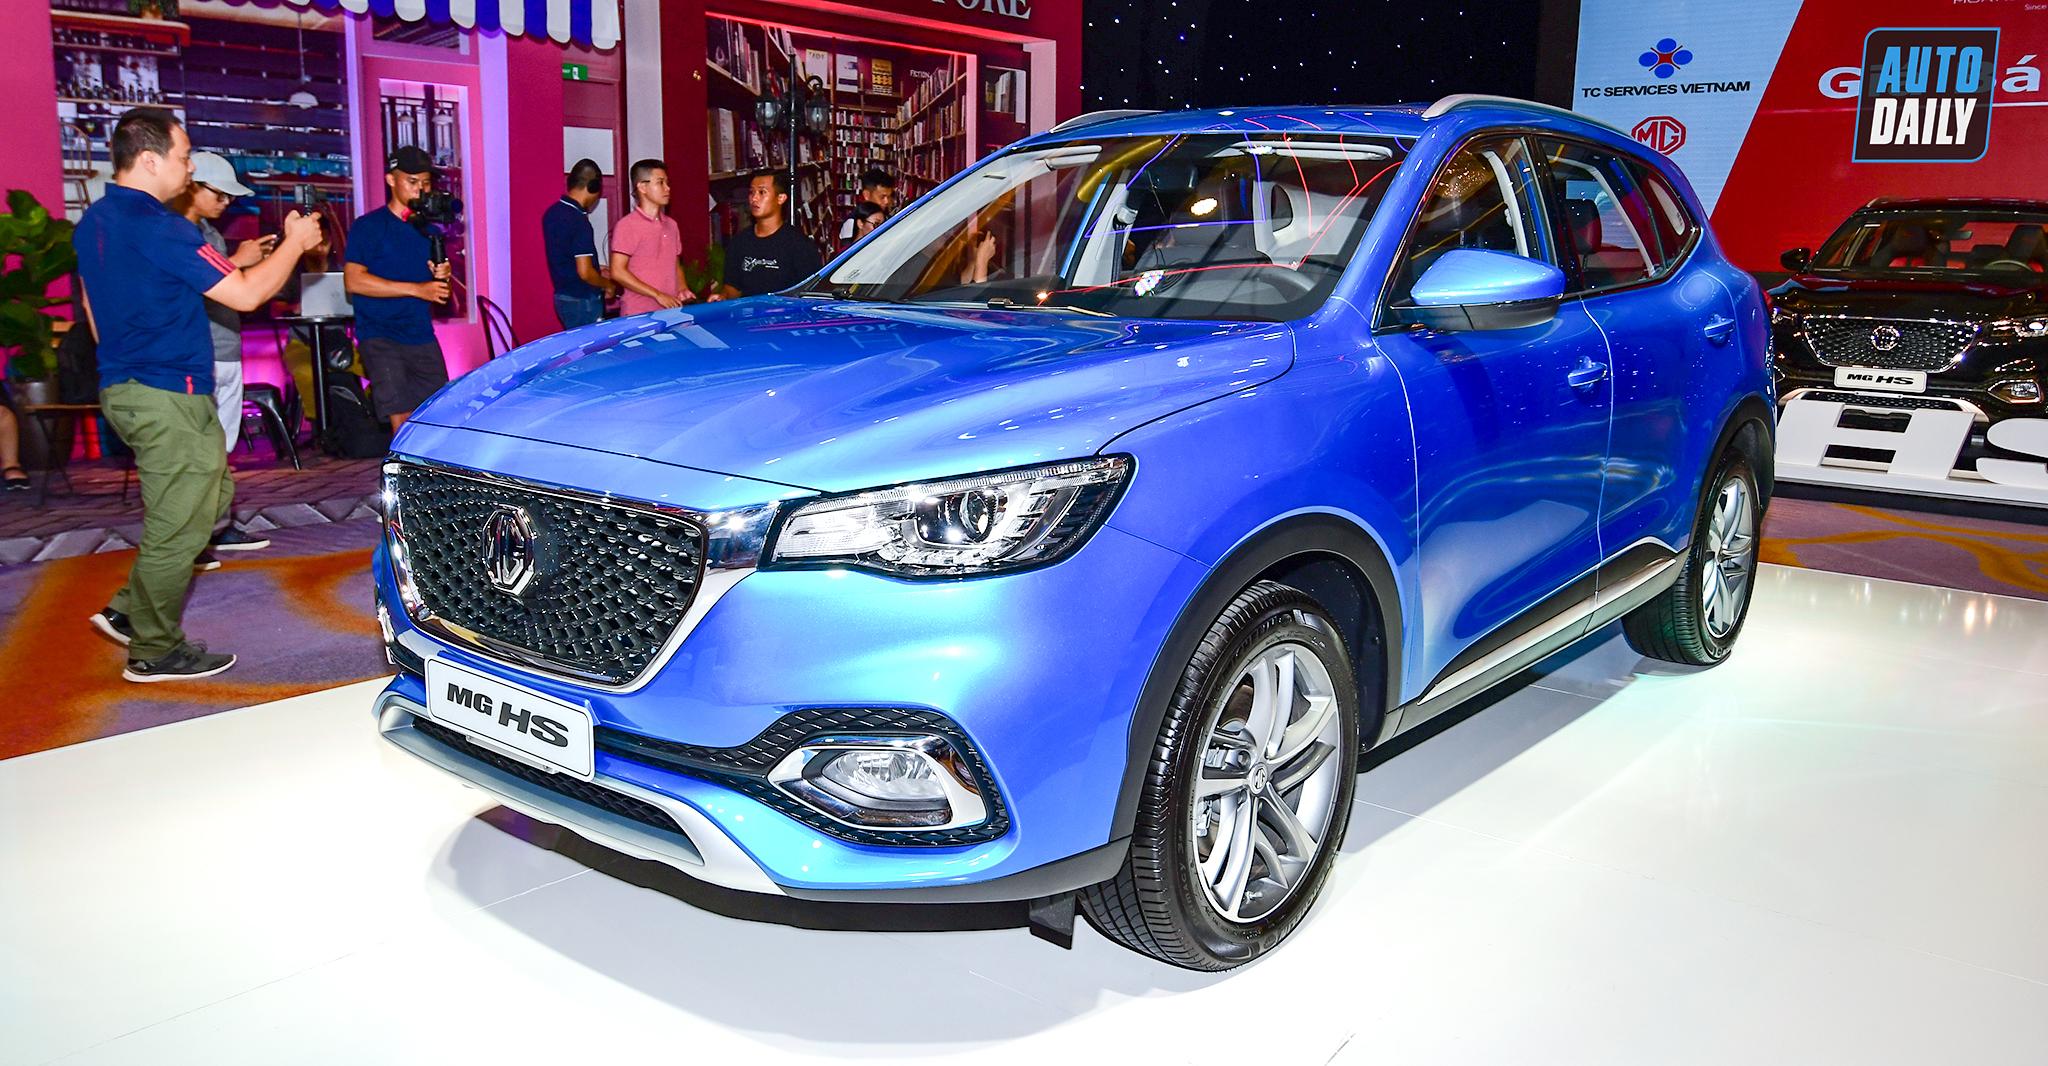 Bộ đôi xe SUV MG ra mắt tại Việt Nam, giá từ 518 triệu đồng